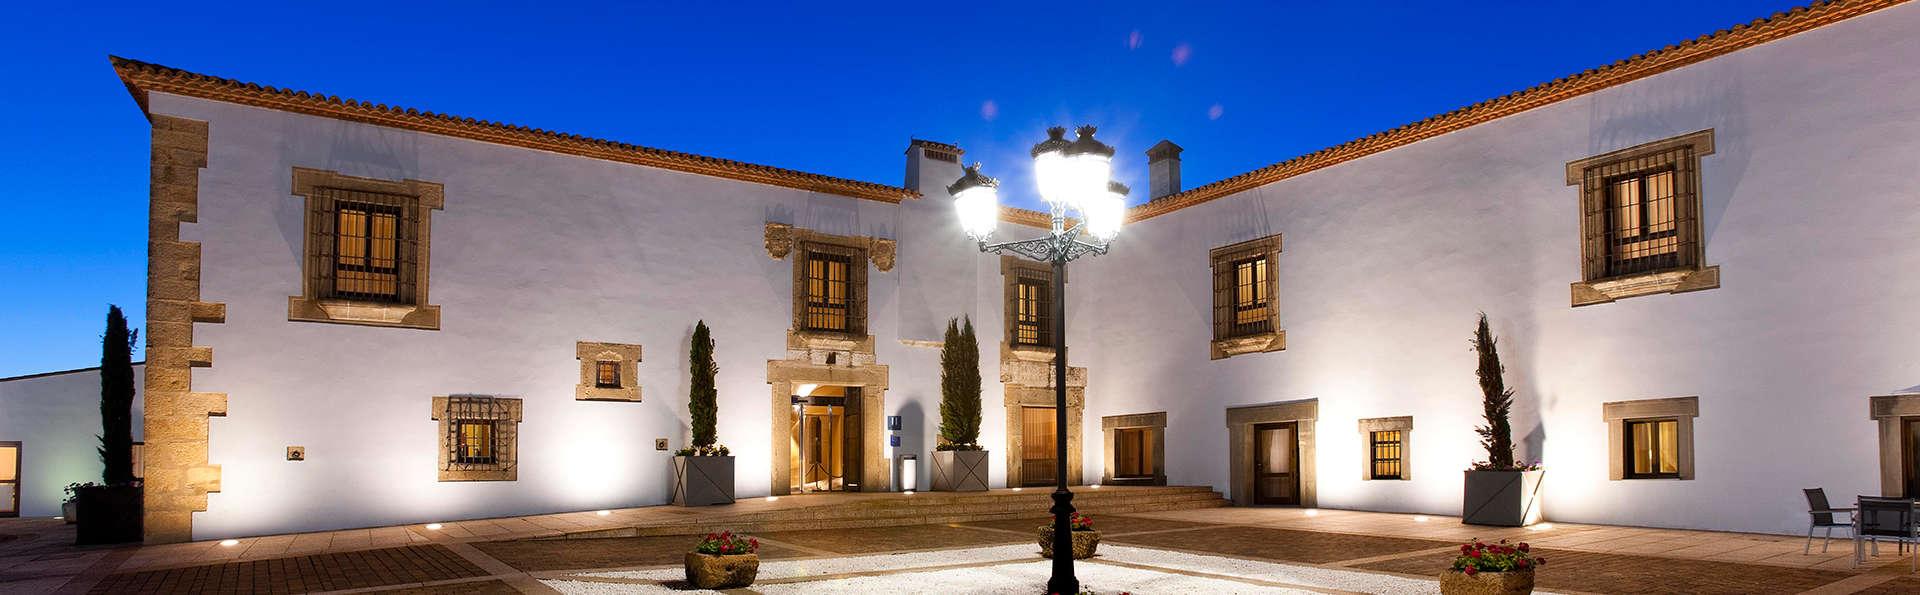 Hospes Palacio de Arenales Spa - EDIT_NEW_front1.jpg